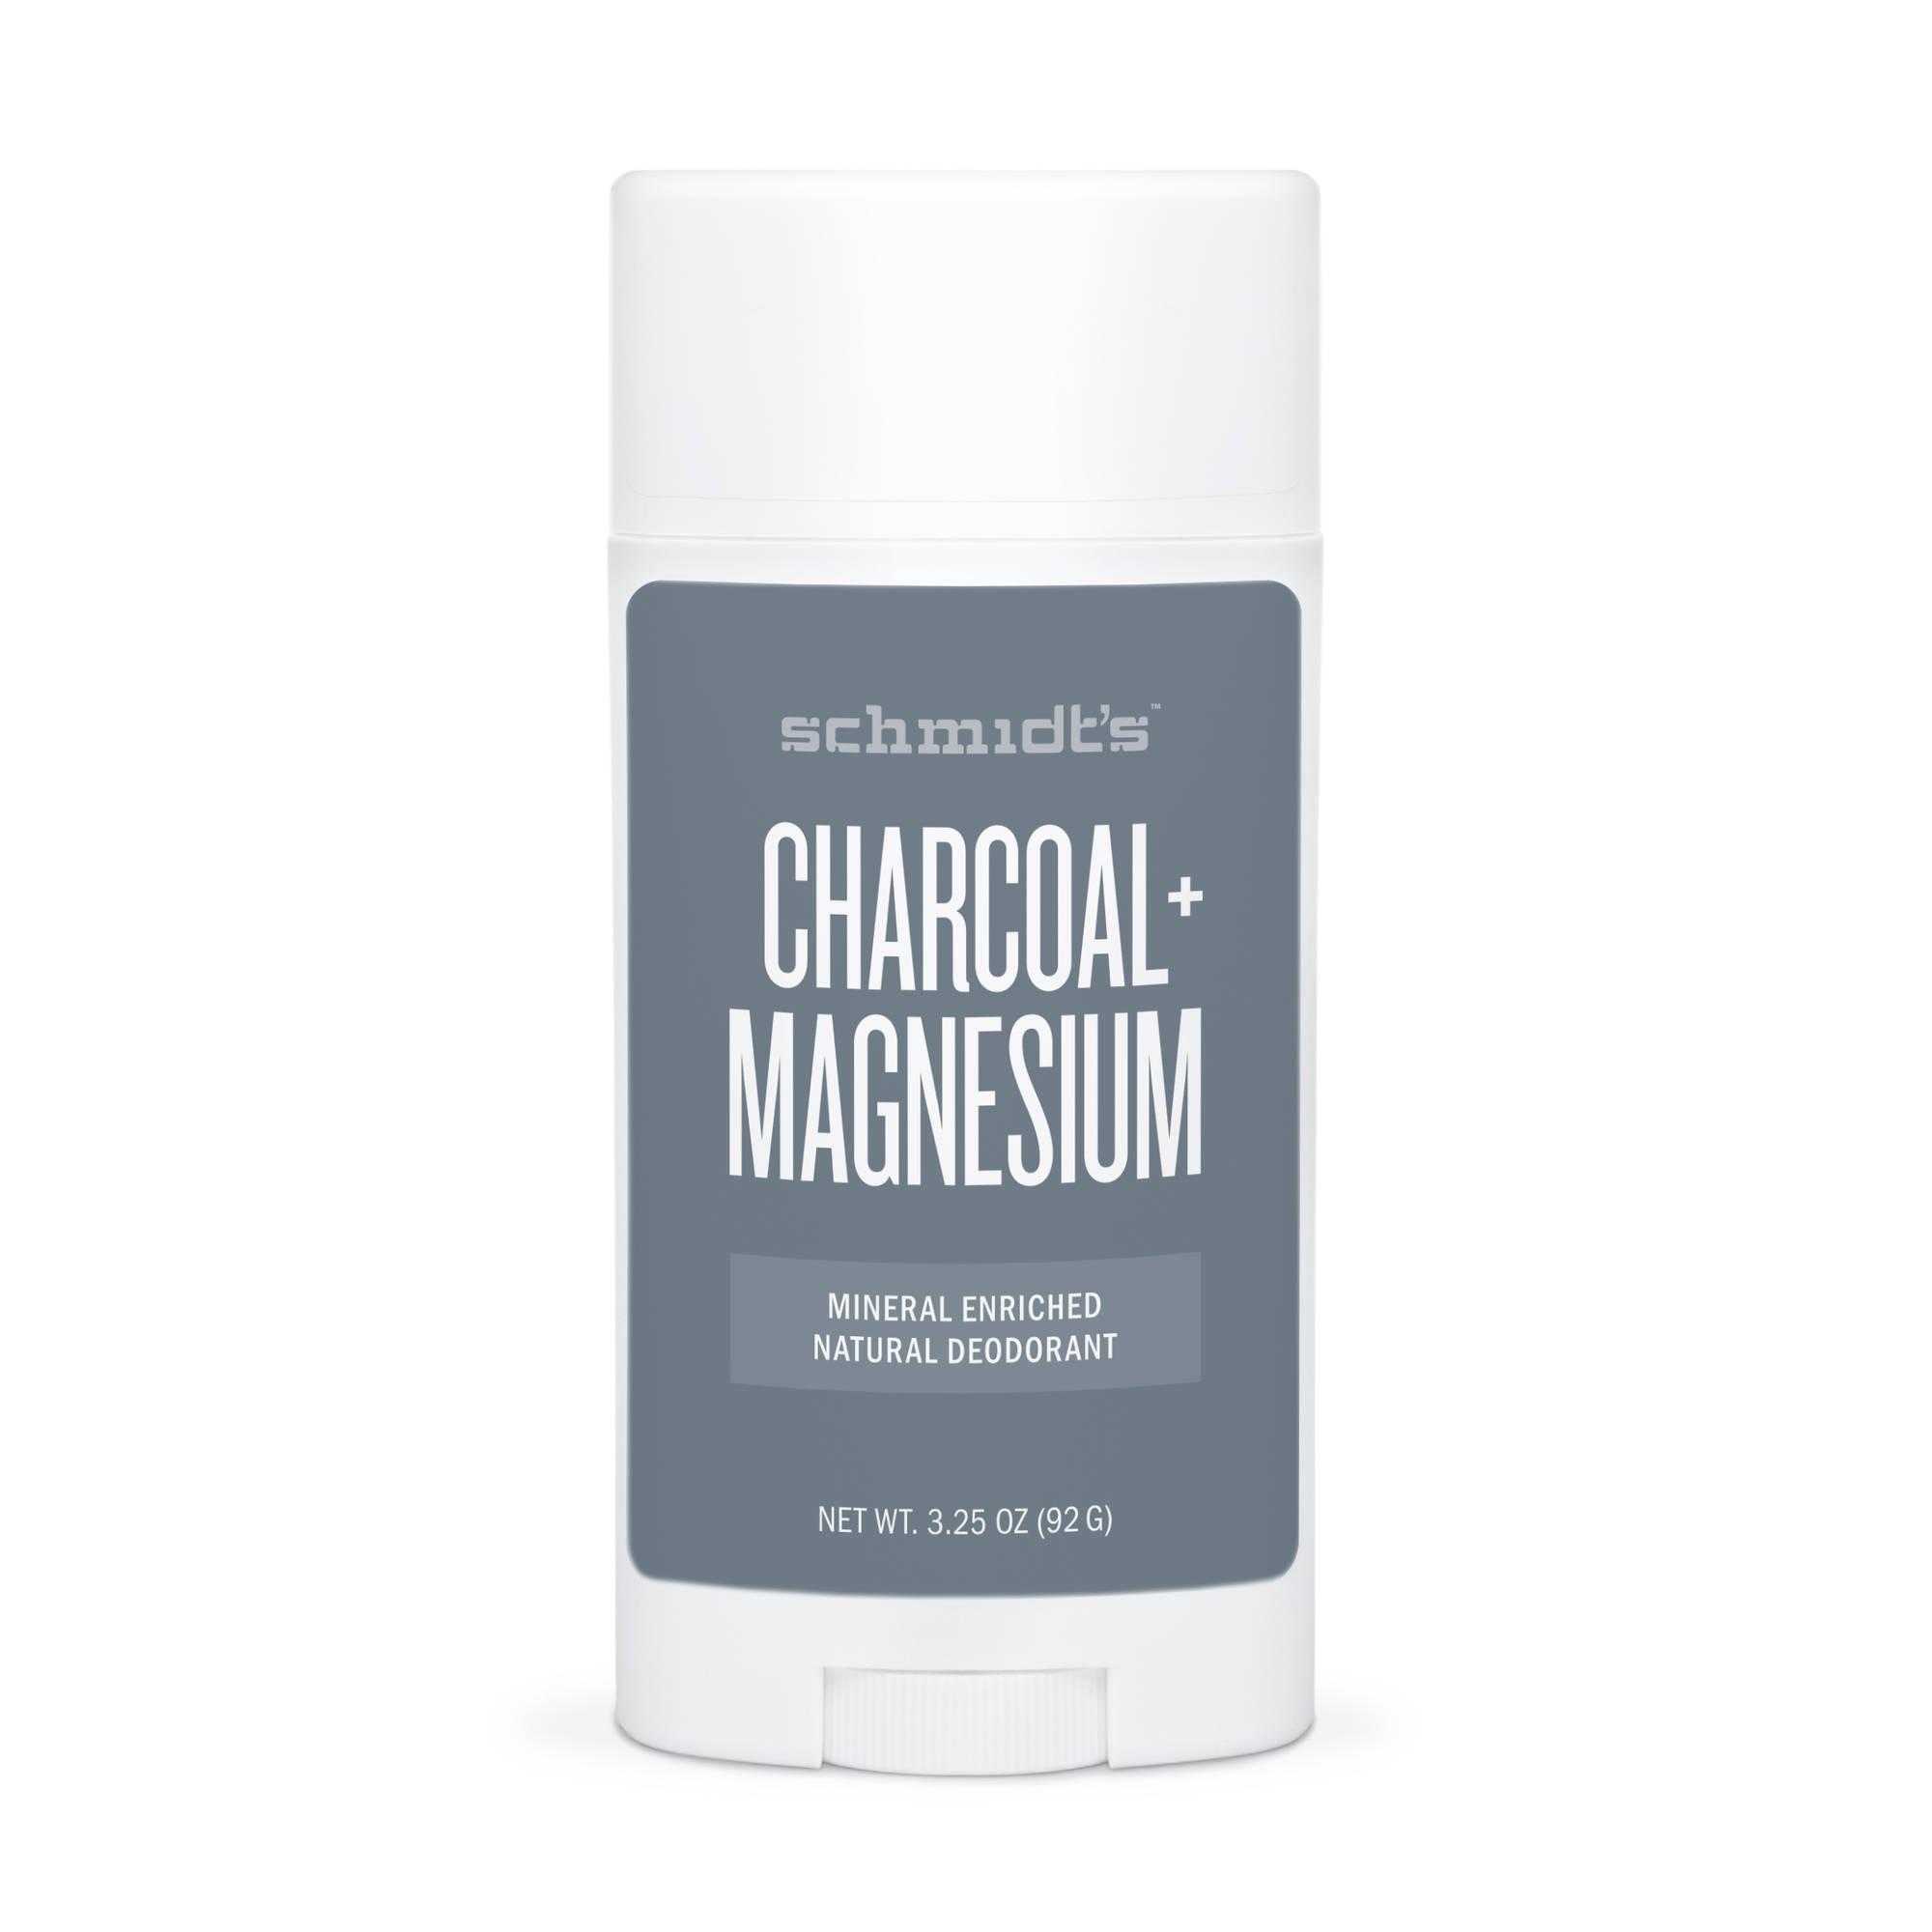 Schmidt's deodorantti charcoal